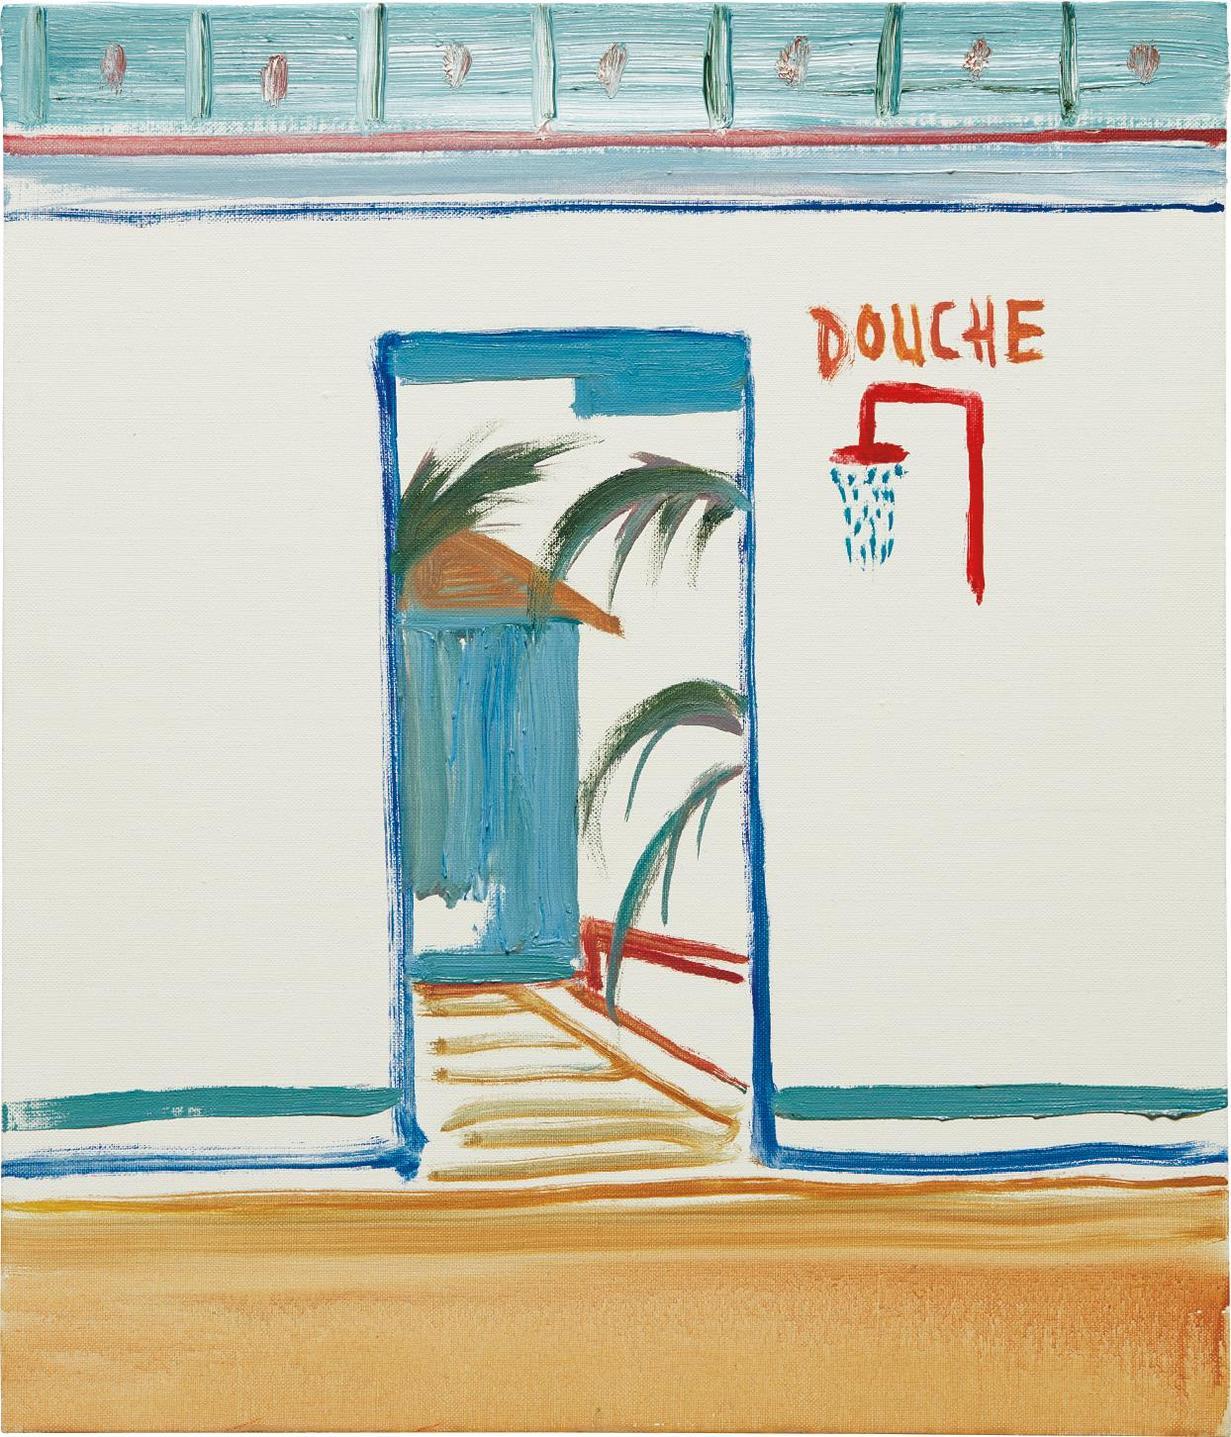 Shinro Ohtake-Douche-2000